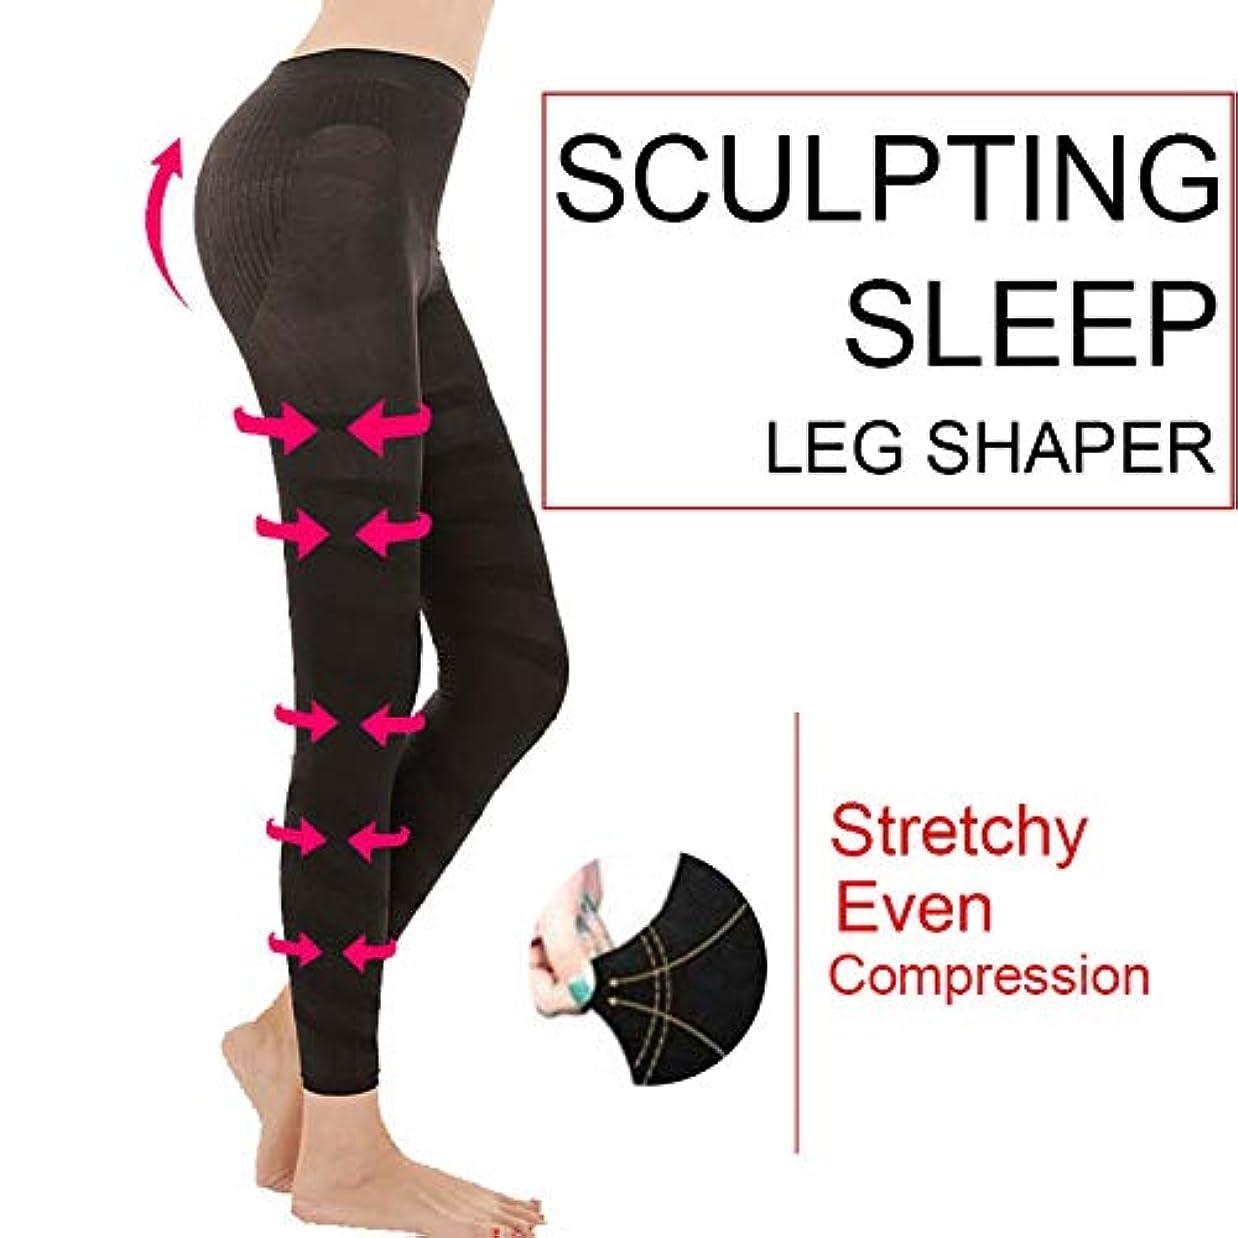 北極圏バン依存するTenflyer?ボディシェイパー、形スリミングパンツ、女性の睡眠睡眠脚シェイパーレギンスソックスボディシェイパースリミングパンツ